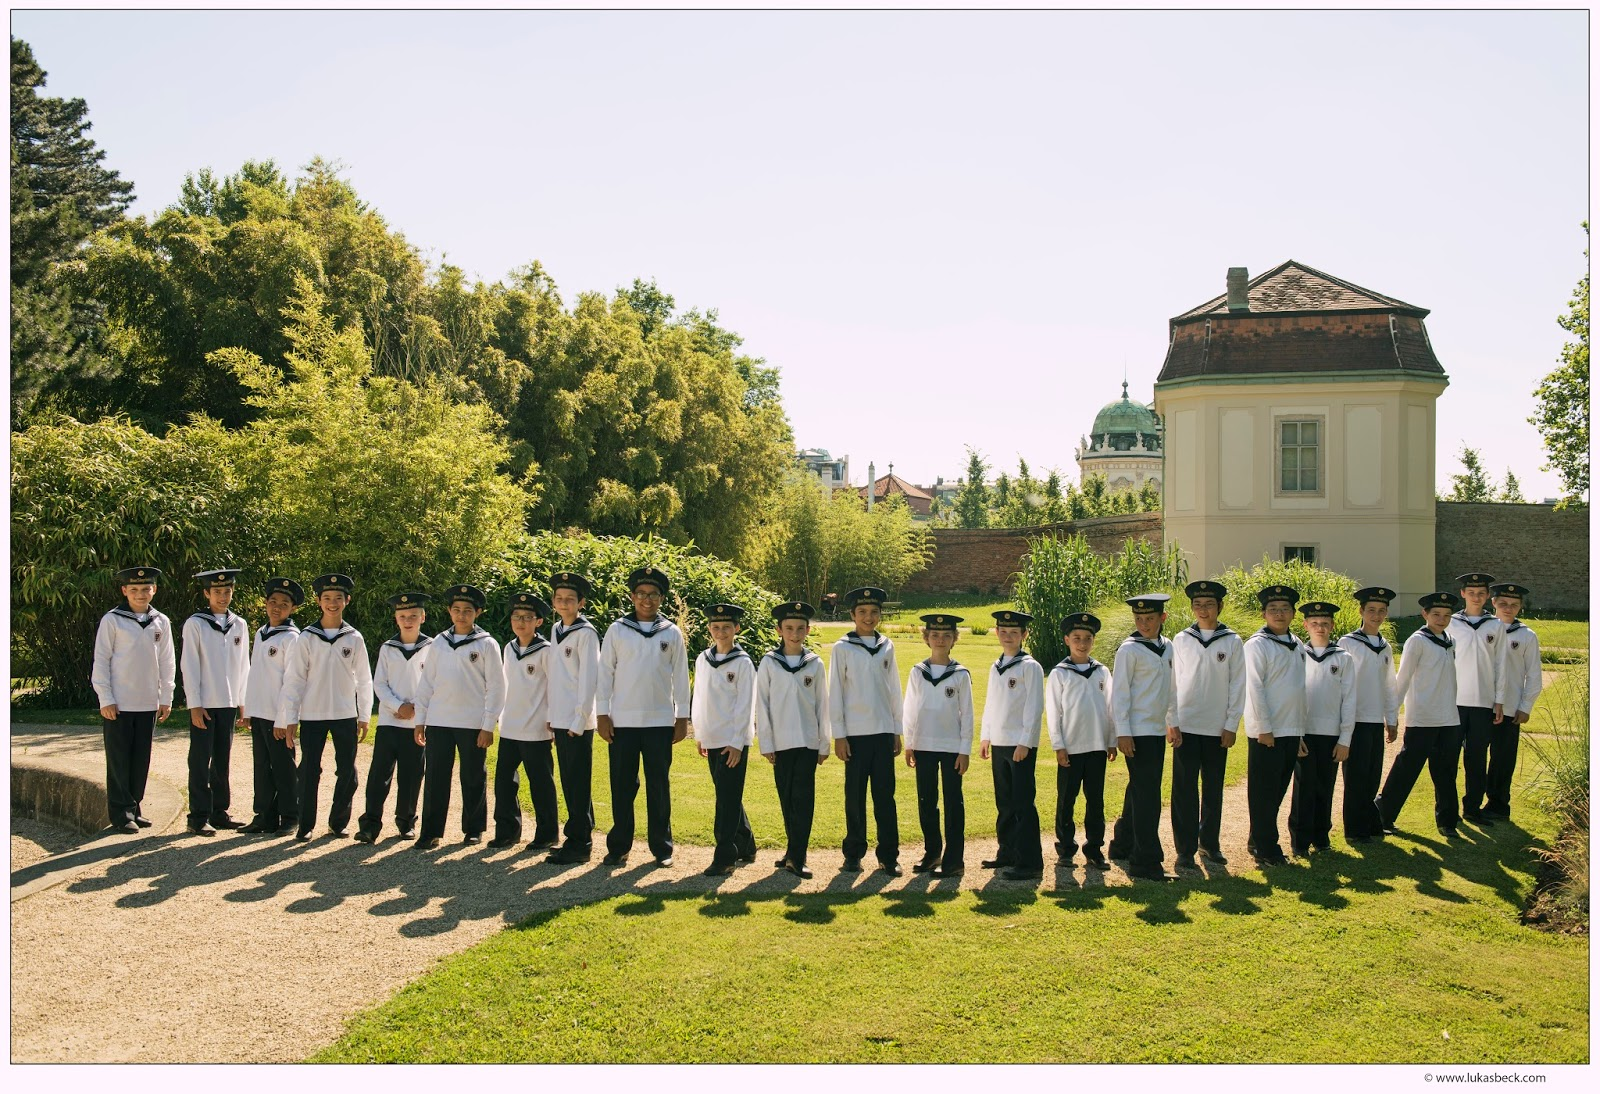 Vienna Boys Choir Tour